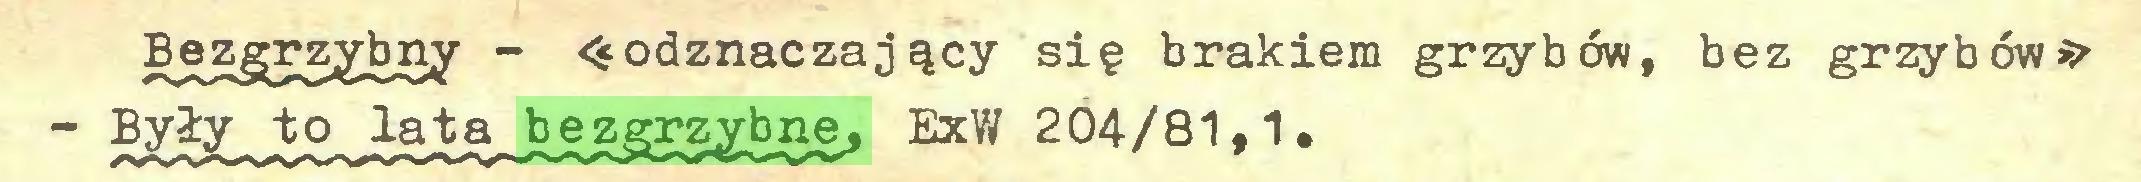 (...) Bjjzgr^ytmy _ «odznaczający się brakiem grzybów, bez grzybów* - Były to lata bezgrzybne, ExW 204/81,1...